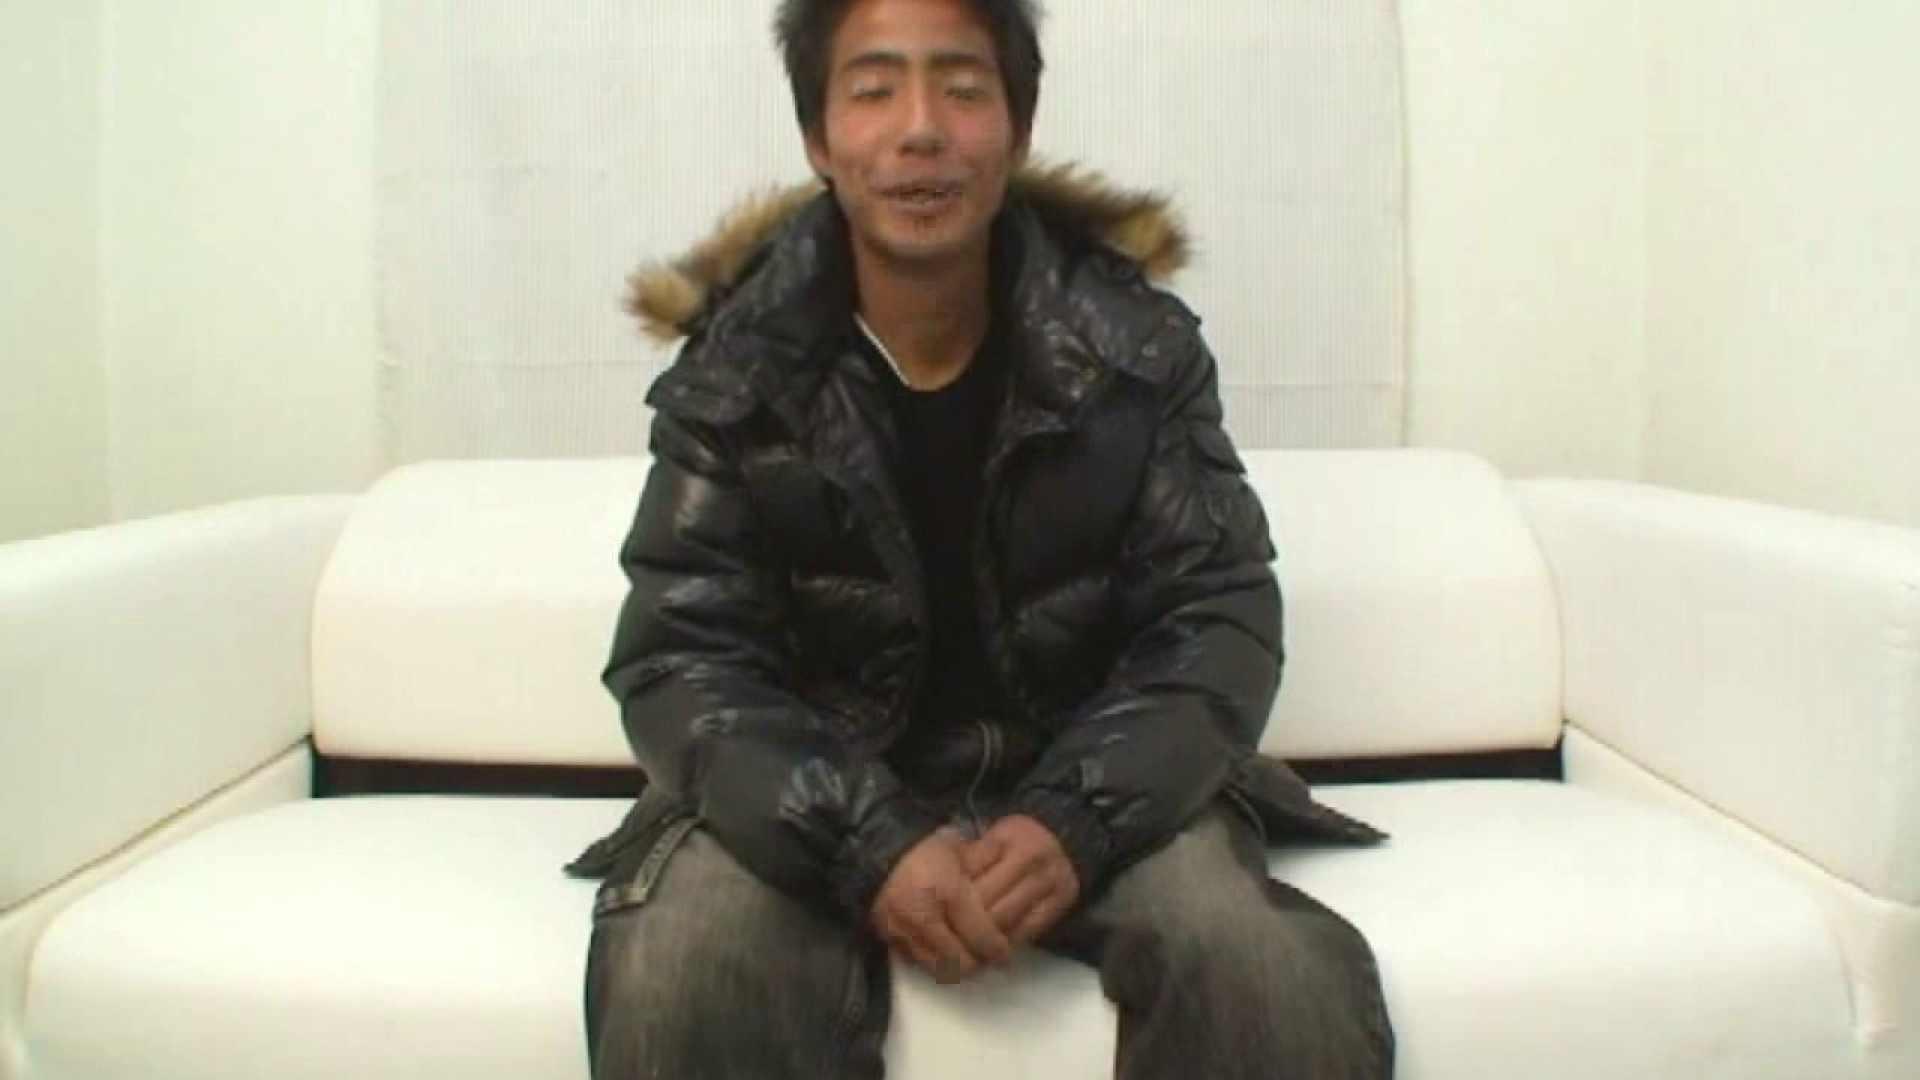 ノンケ!自慰スタジオ No.30 ゲイのオナニー映像 | 学生  58枚 19